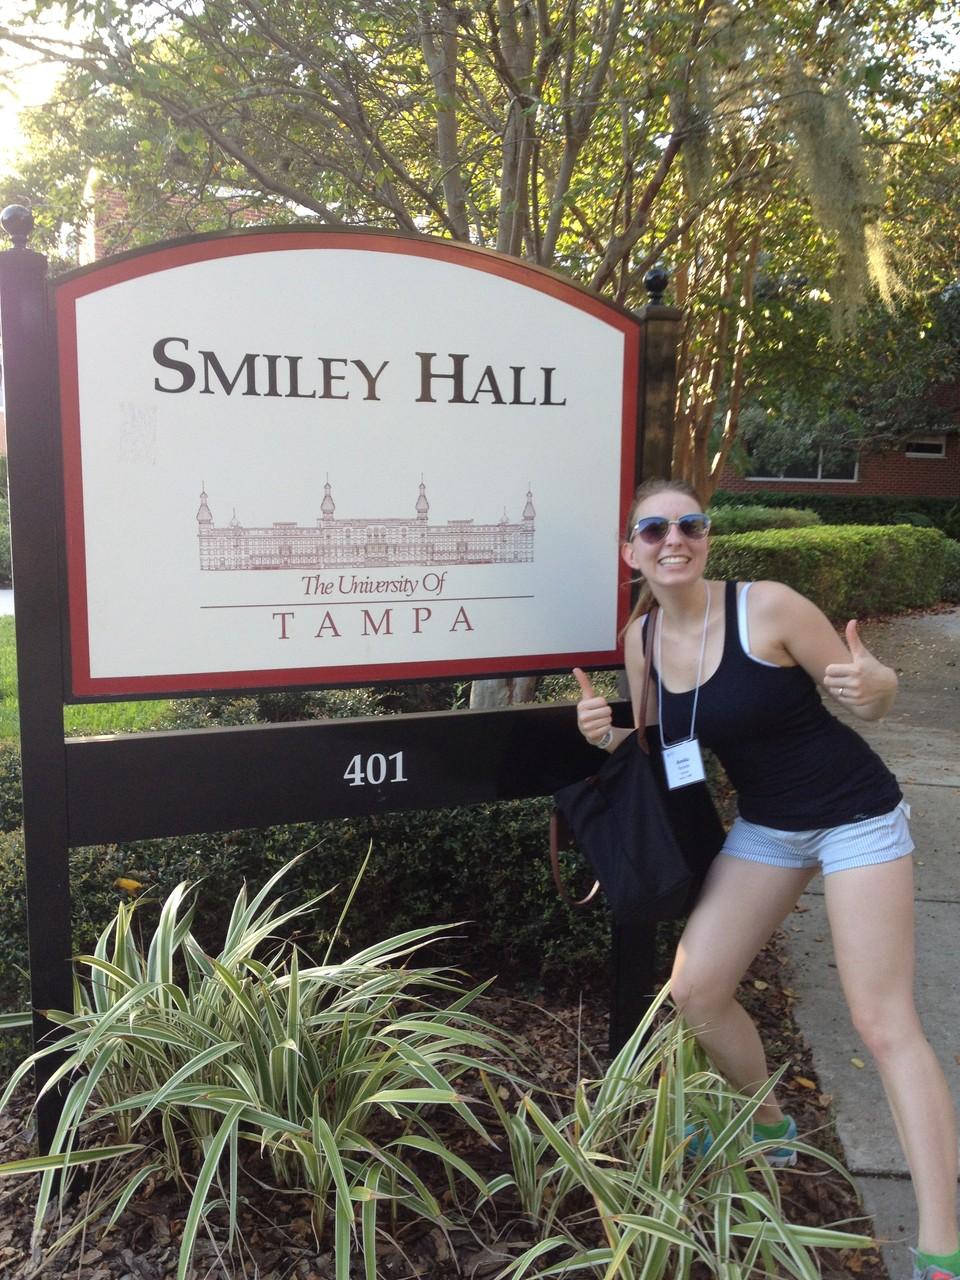 SMILEY HALL